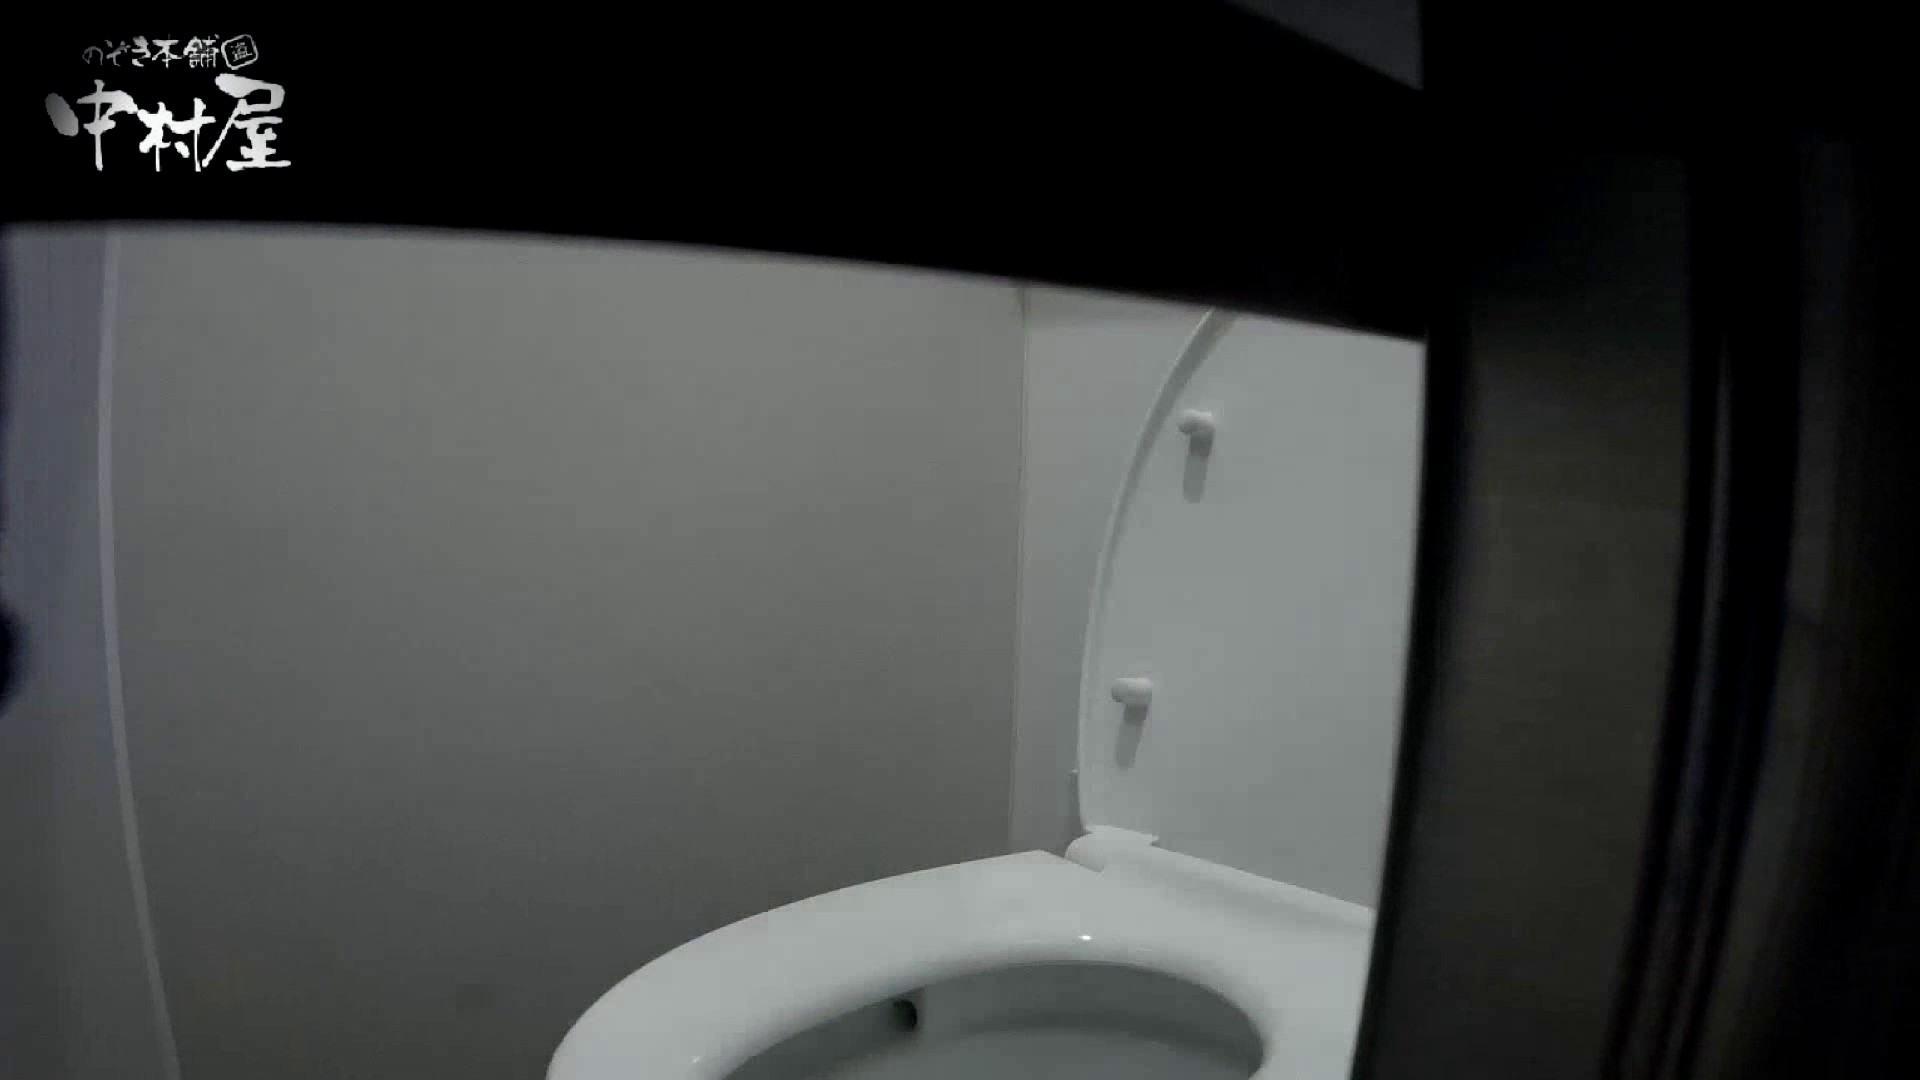 【某有名大学女性洗面所】有名大学女性洗面所 vol.40 ??おまじない的な動きをする子がいます。 洗面所突入 AV無料 91pic 33